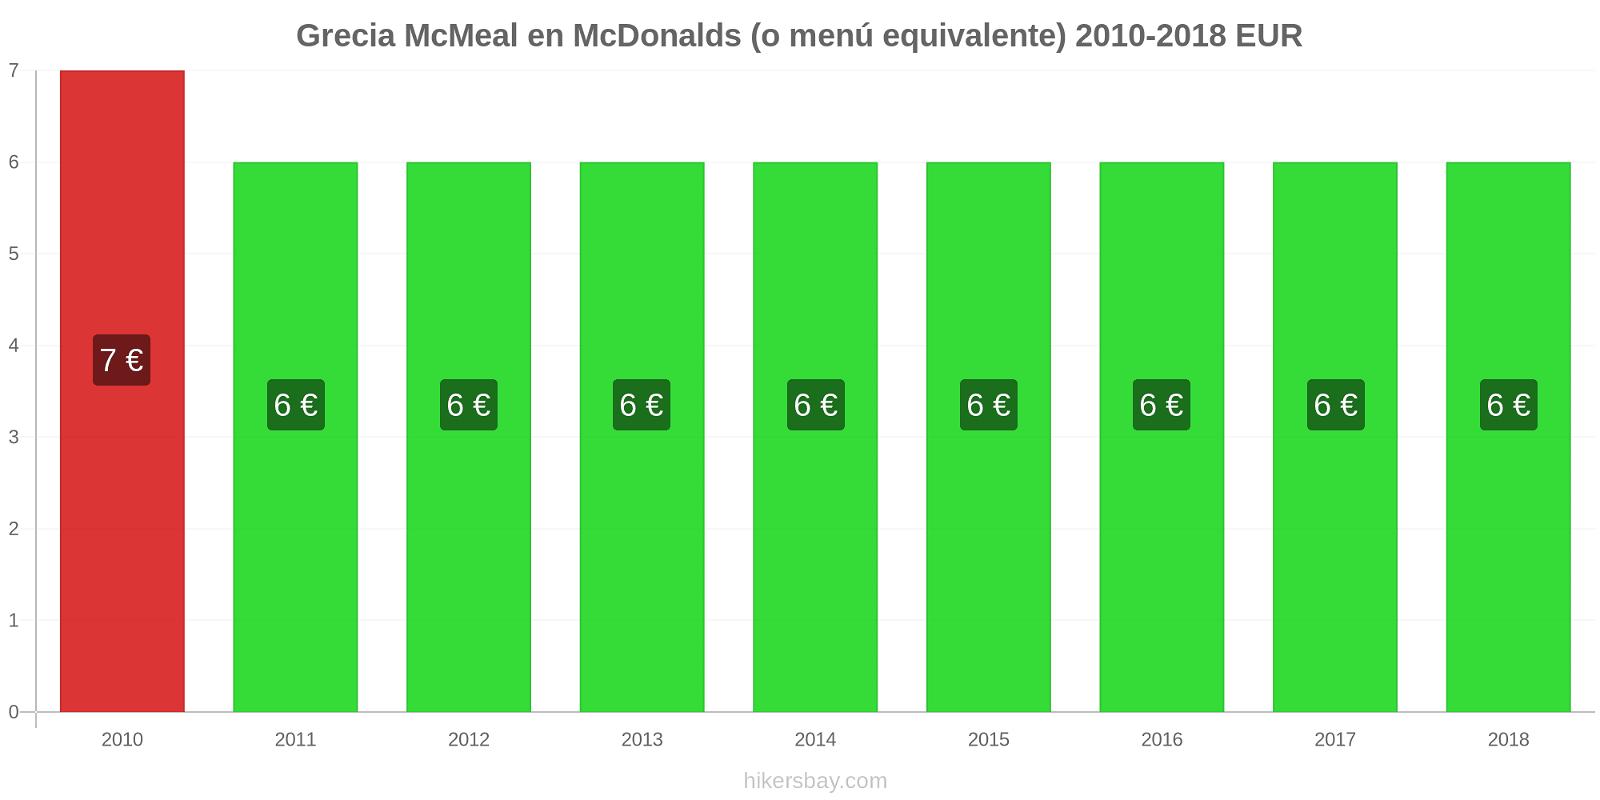 Grecia cambios de precios McMeal en McDonalds (o menú equivalente) hikersbay.com